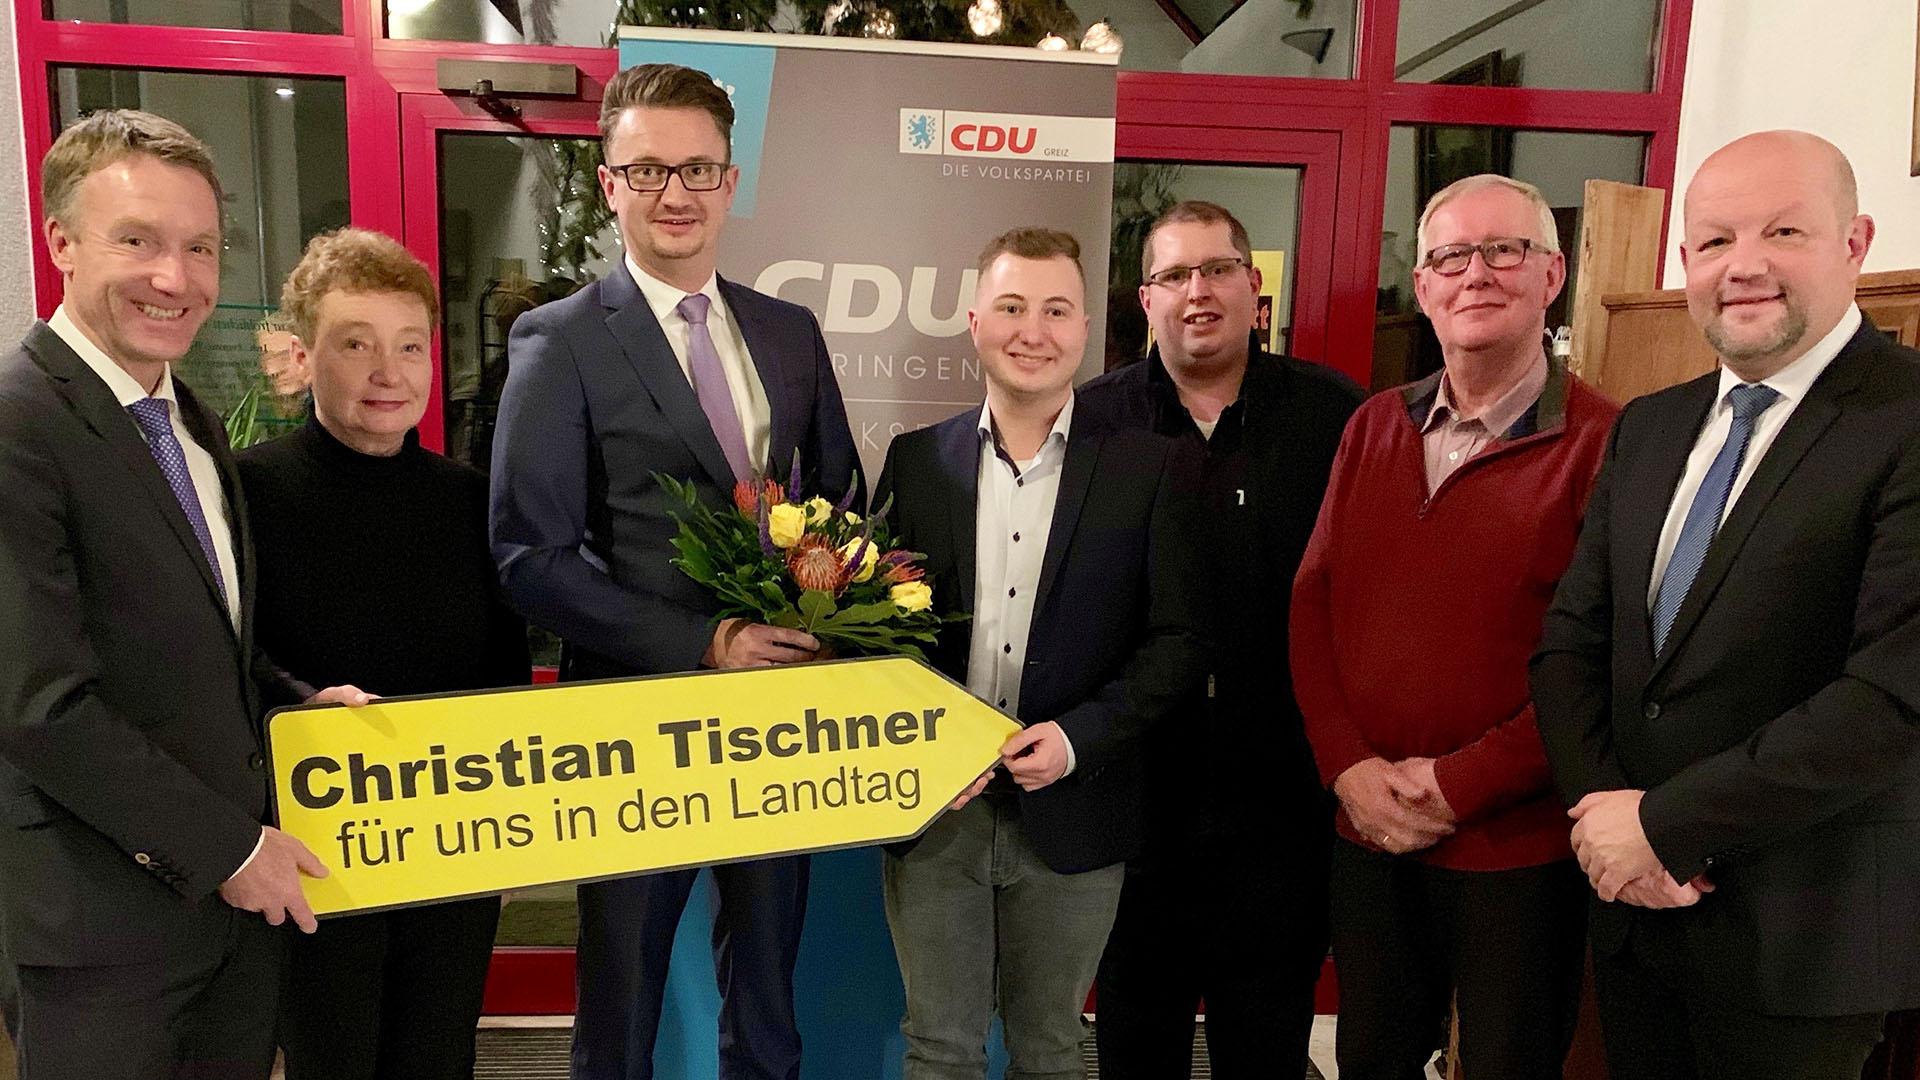 CDU nominiert Christian Tischner als Direktkandidat für die Landtagswahl 2019